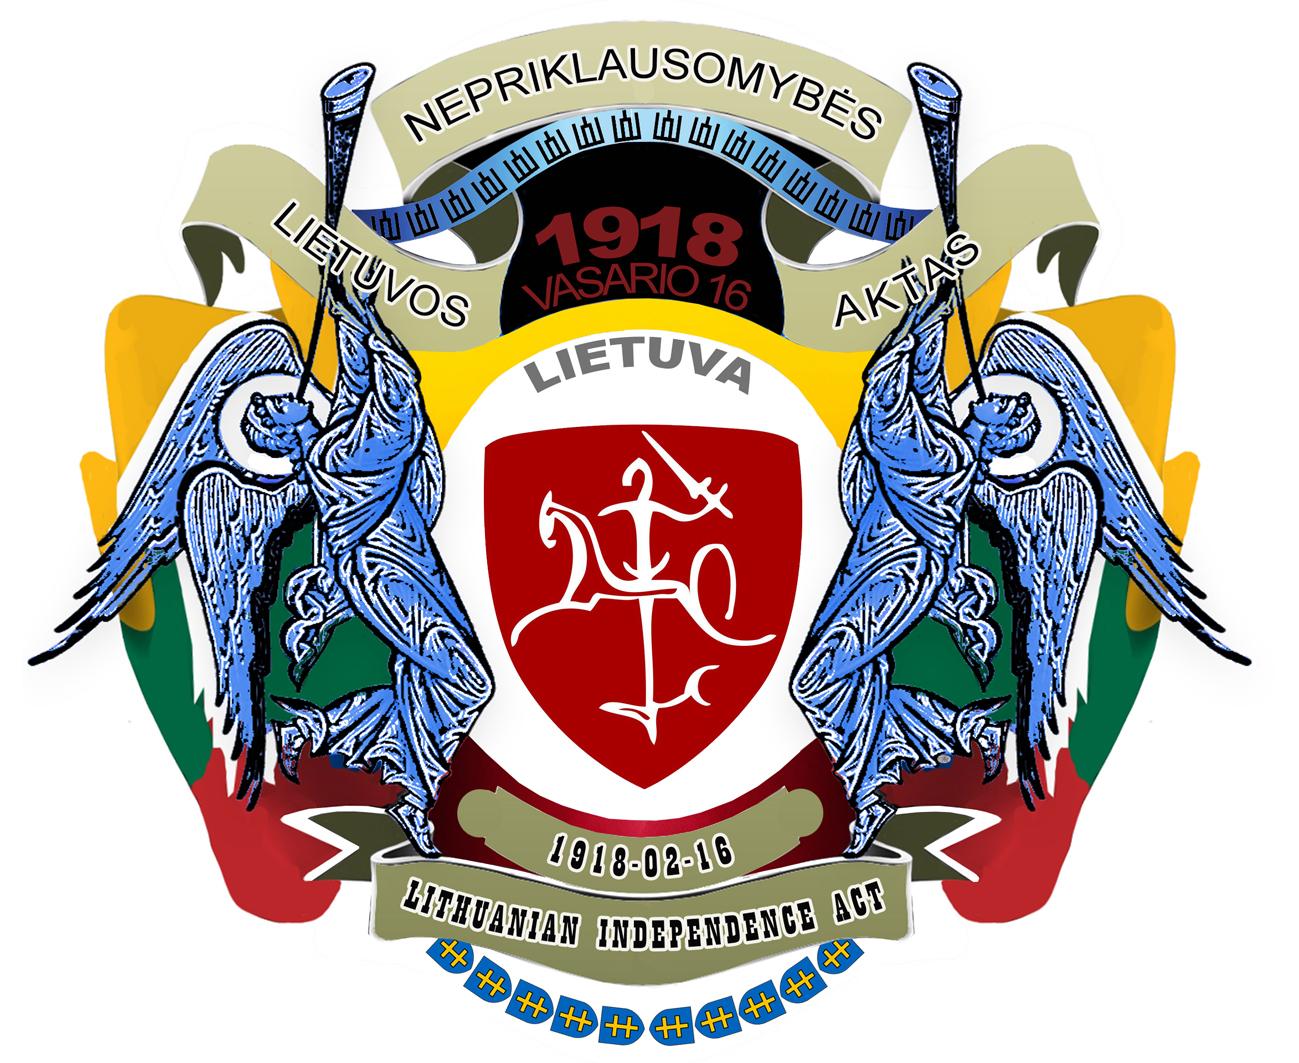 Lietuvos Nepriklausomybės Aktas